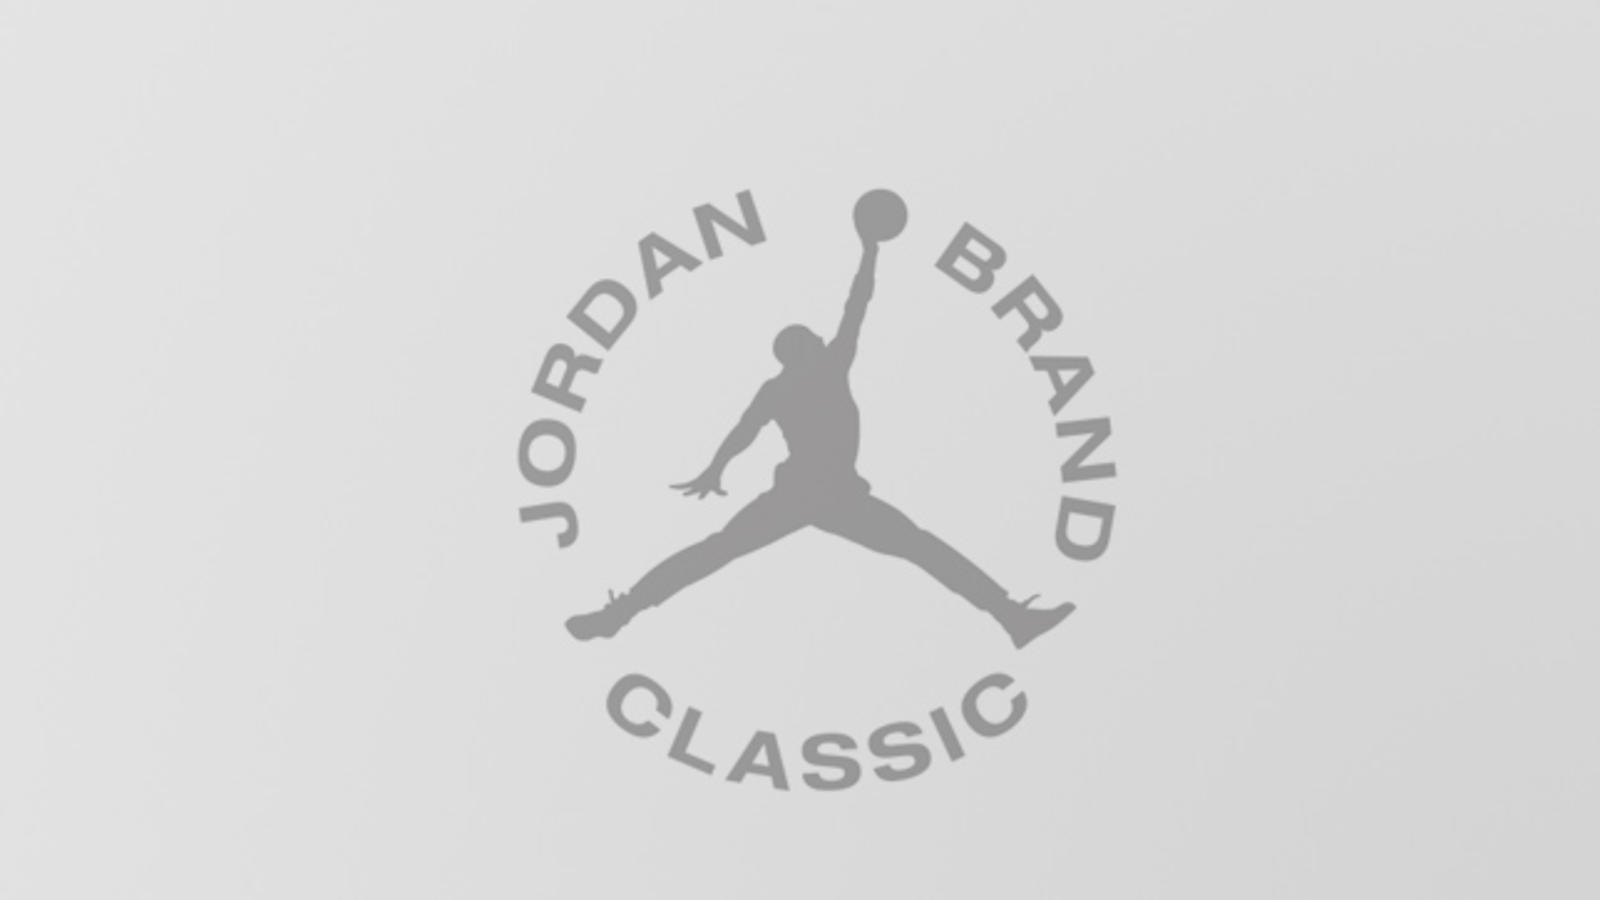 Jordan_Brand_Classic_original_(1)